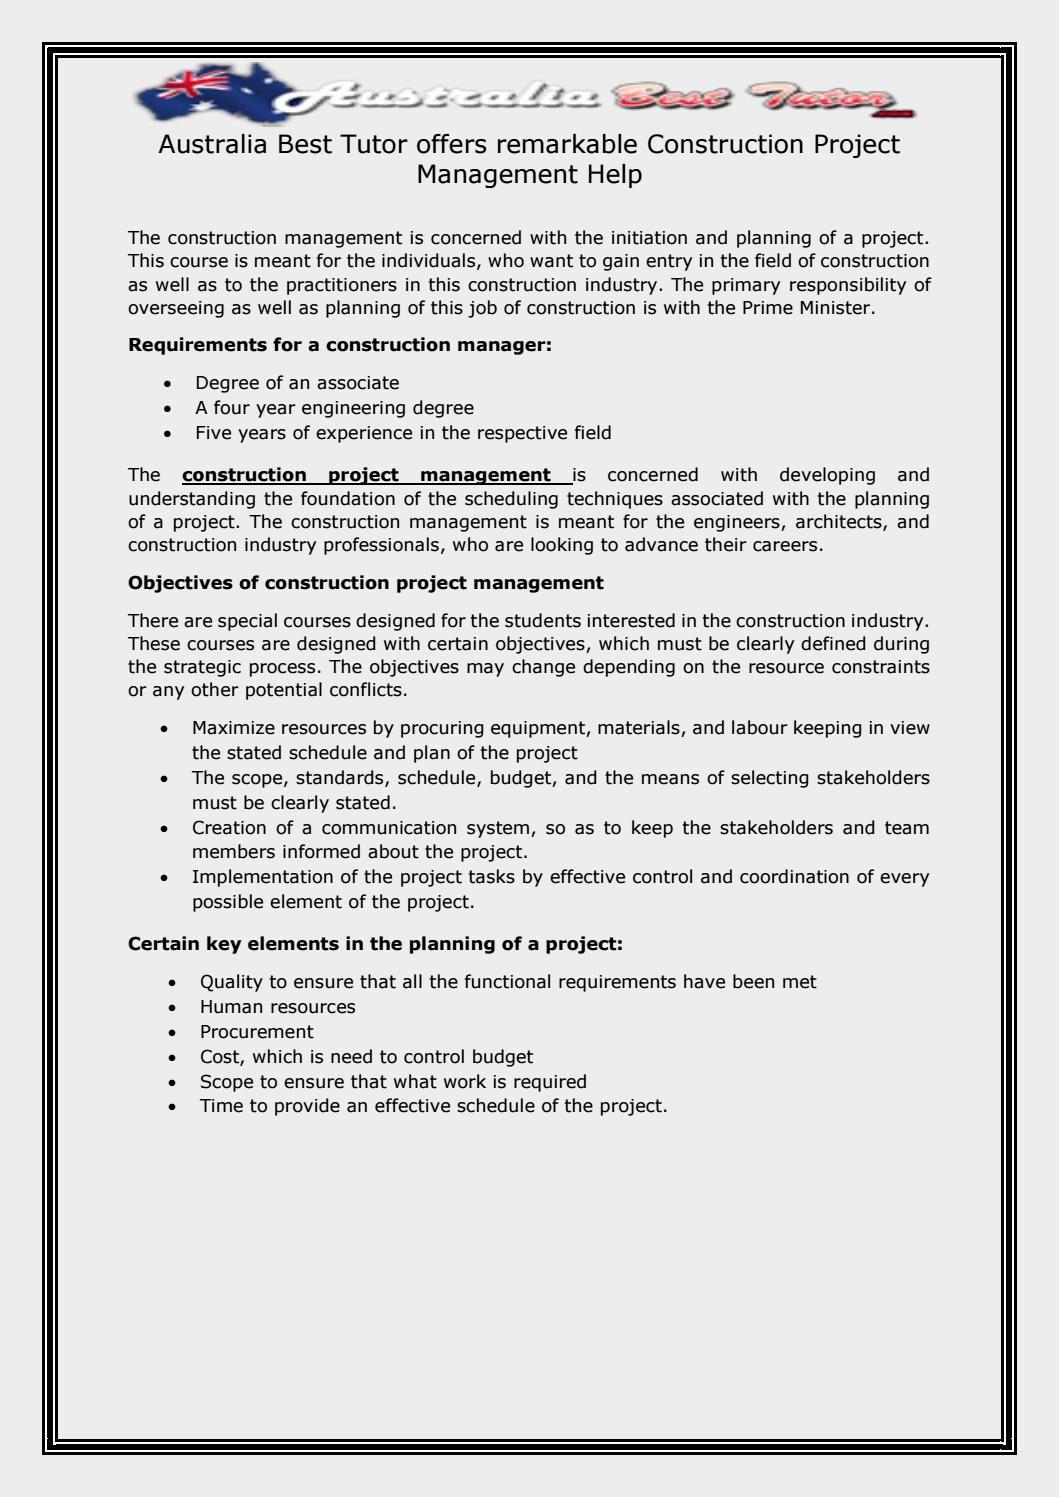 Dorable Reanudar Carta De Presentación Ejemplos Nz Colección de ...